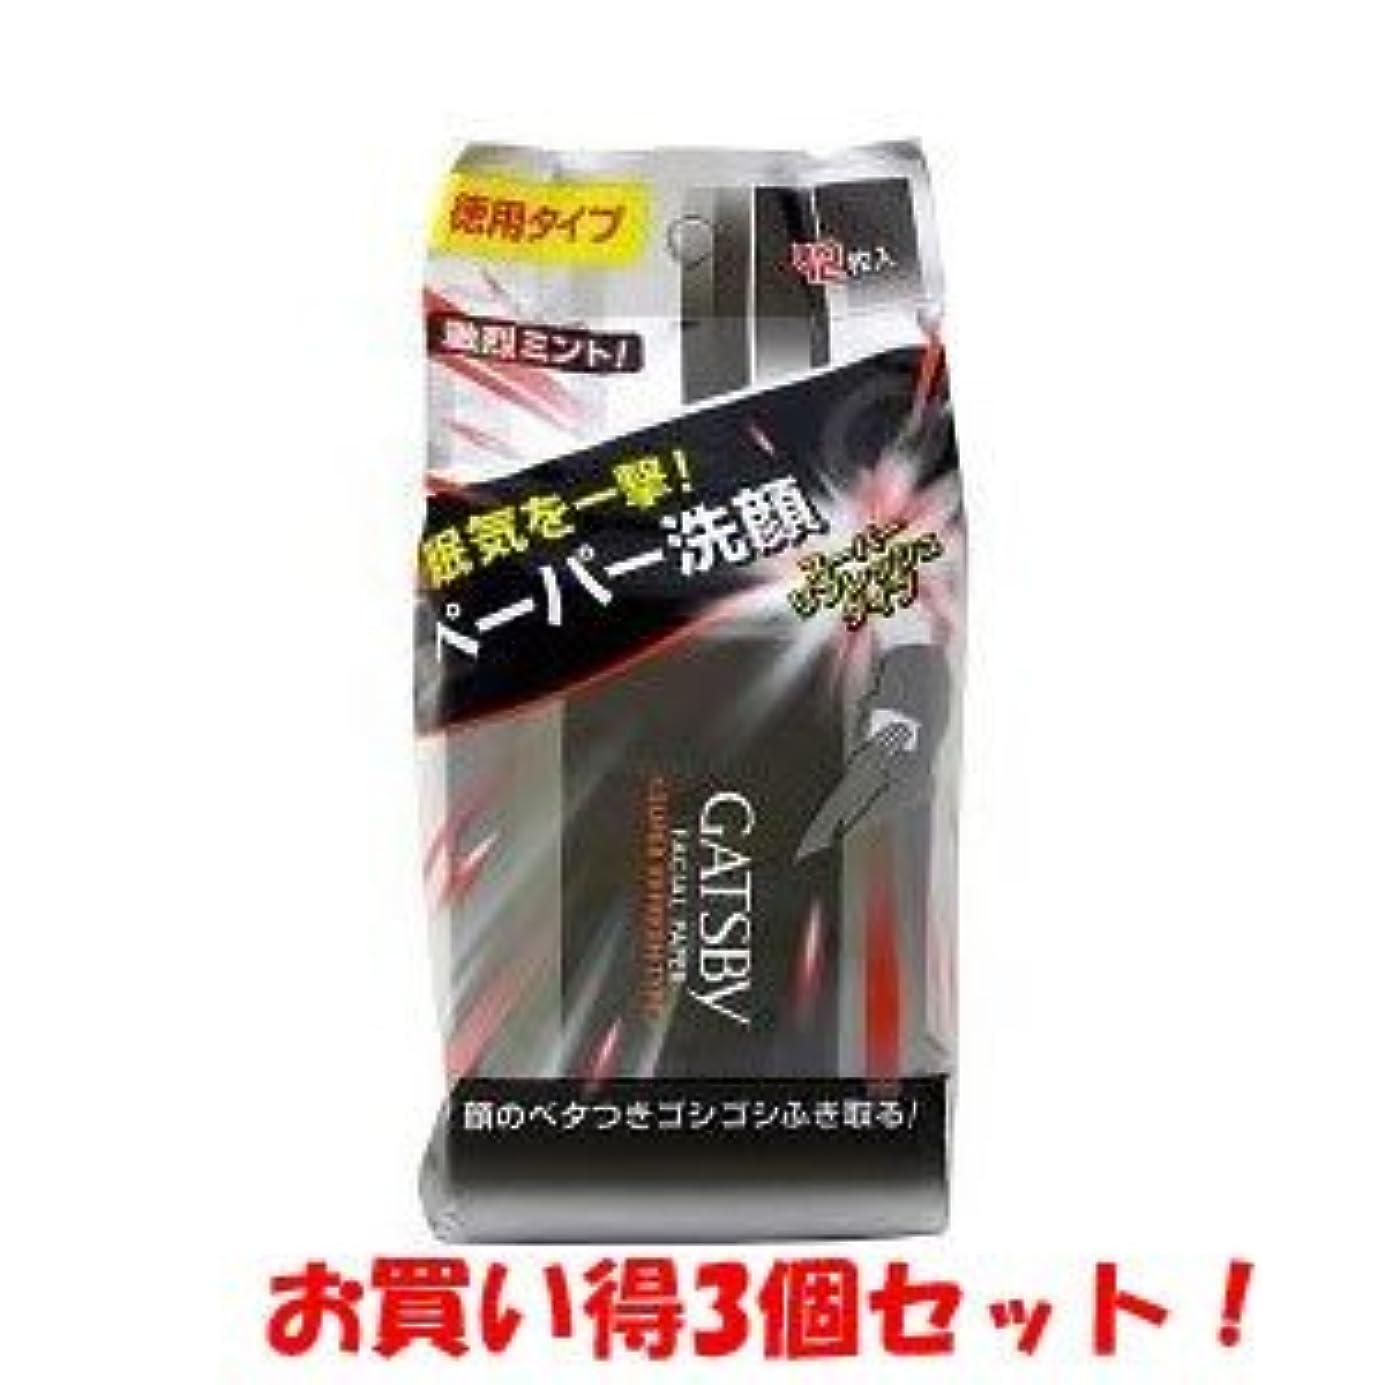 乳白色汚すタールギャツビー【GATSBY】フェイシャルペーパー スーパーリフレッシュタイプ 徳用タイプ 42枚入(お買い得3個セット)